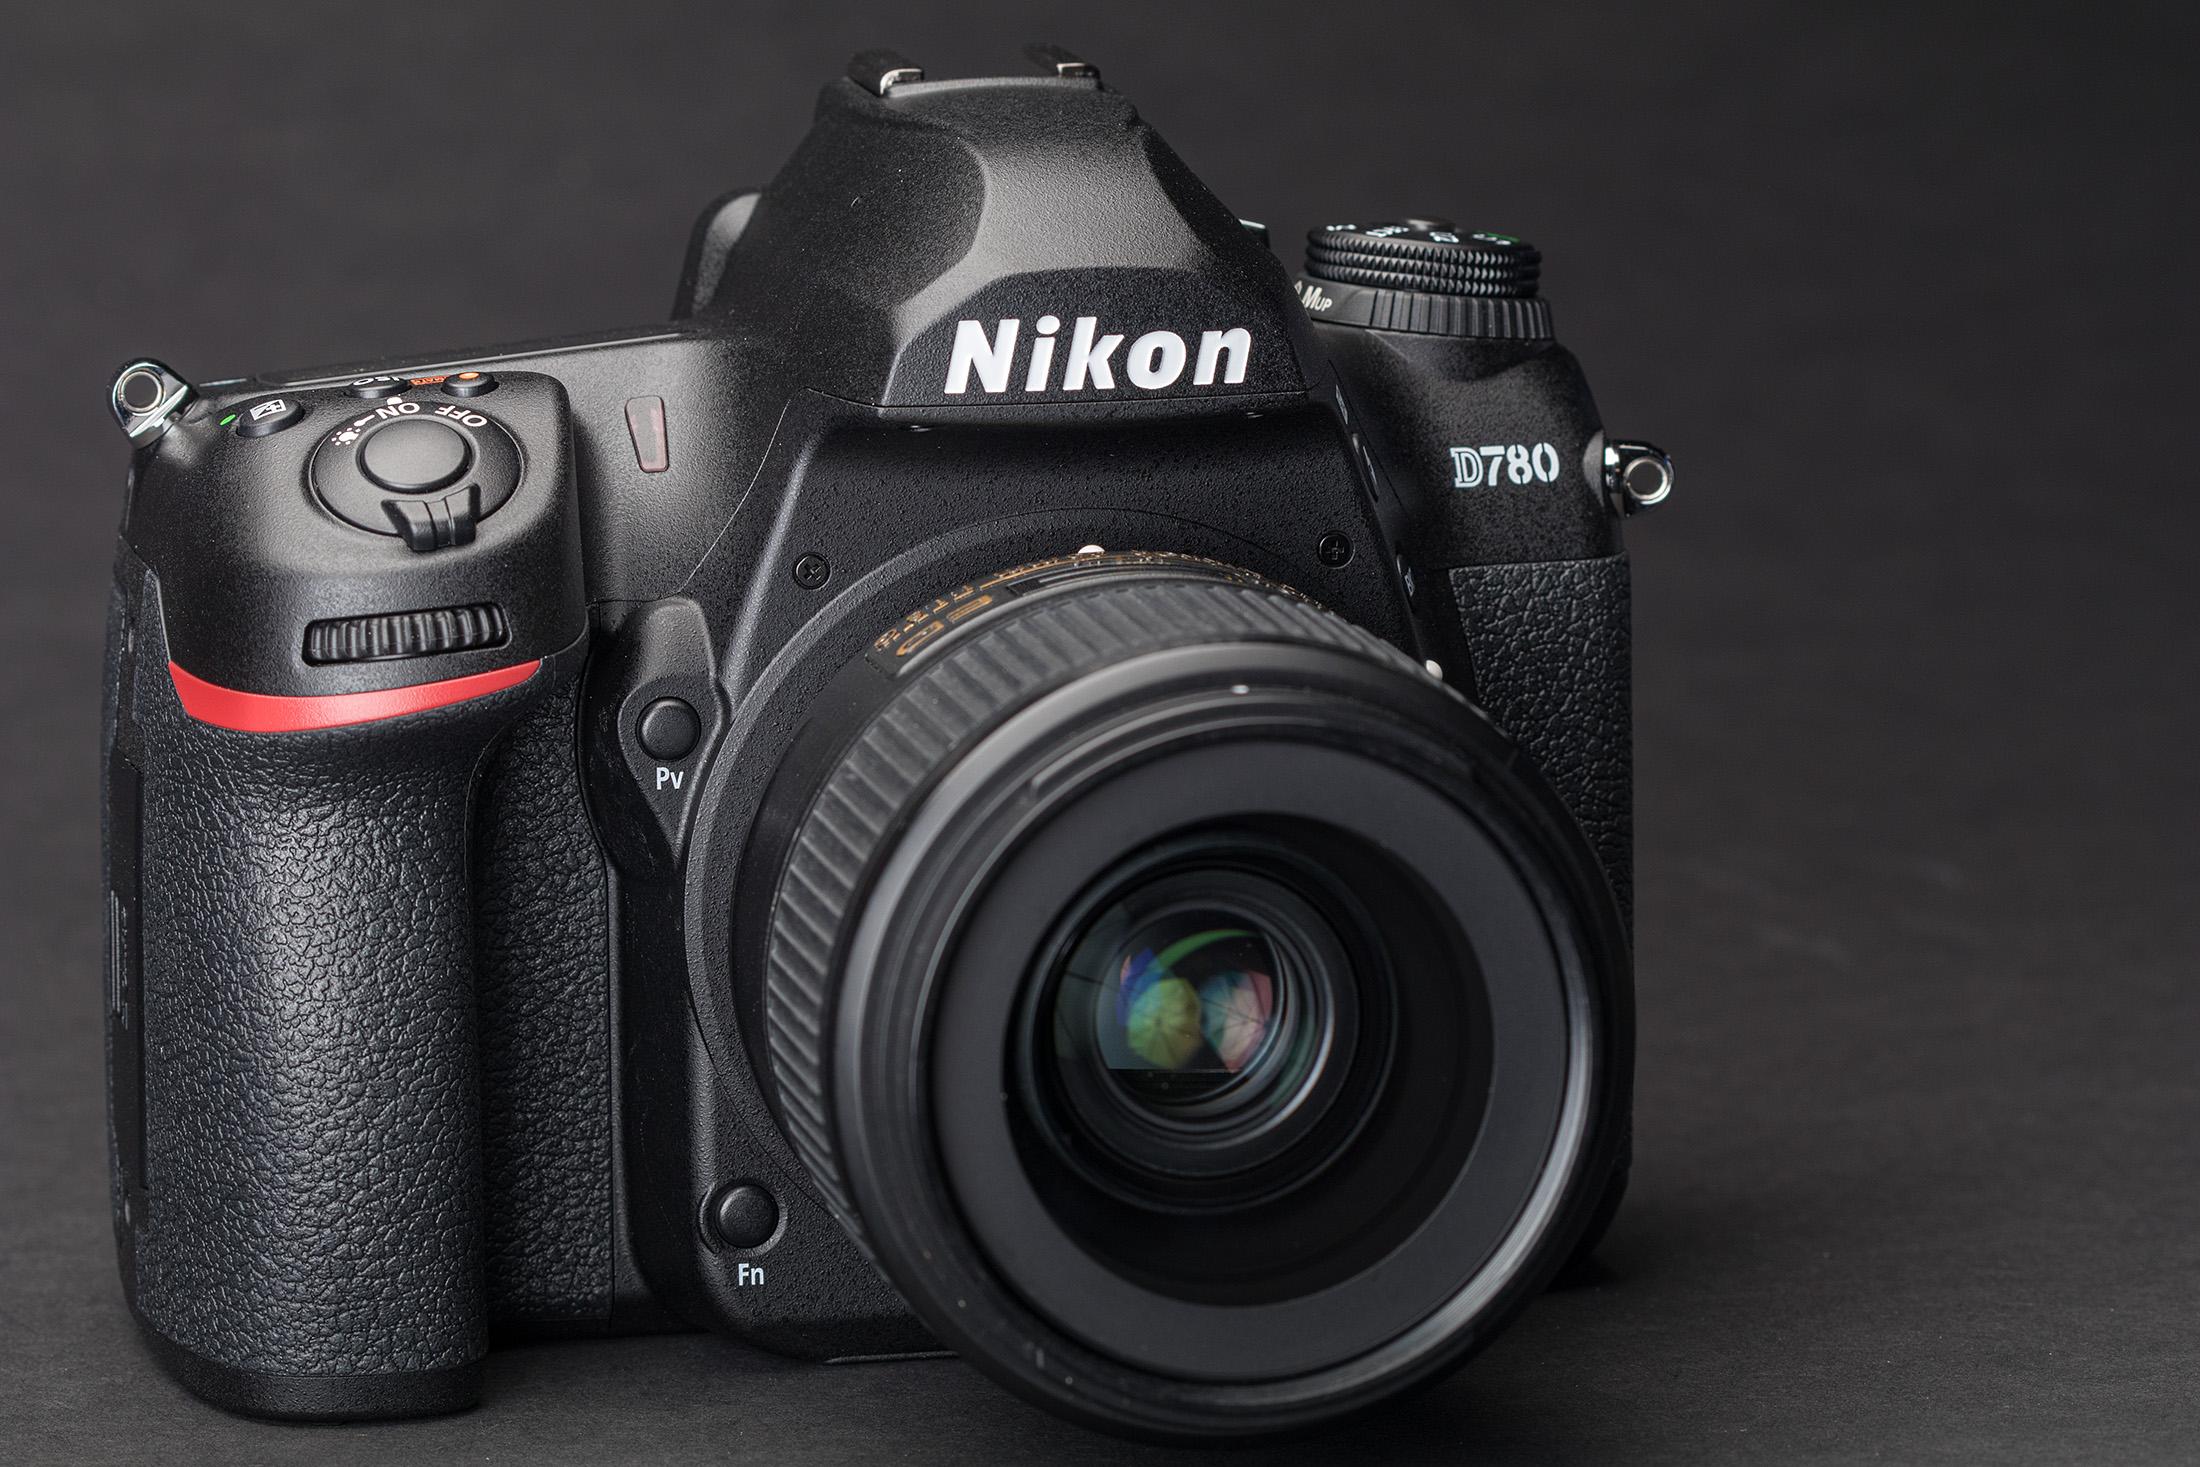 NIKON D7800 1